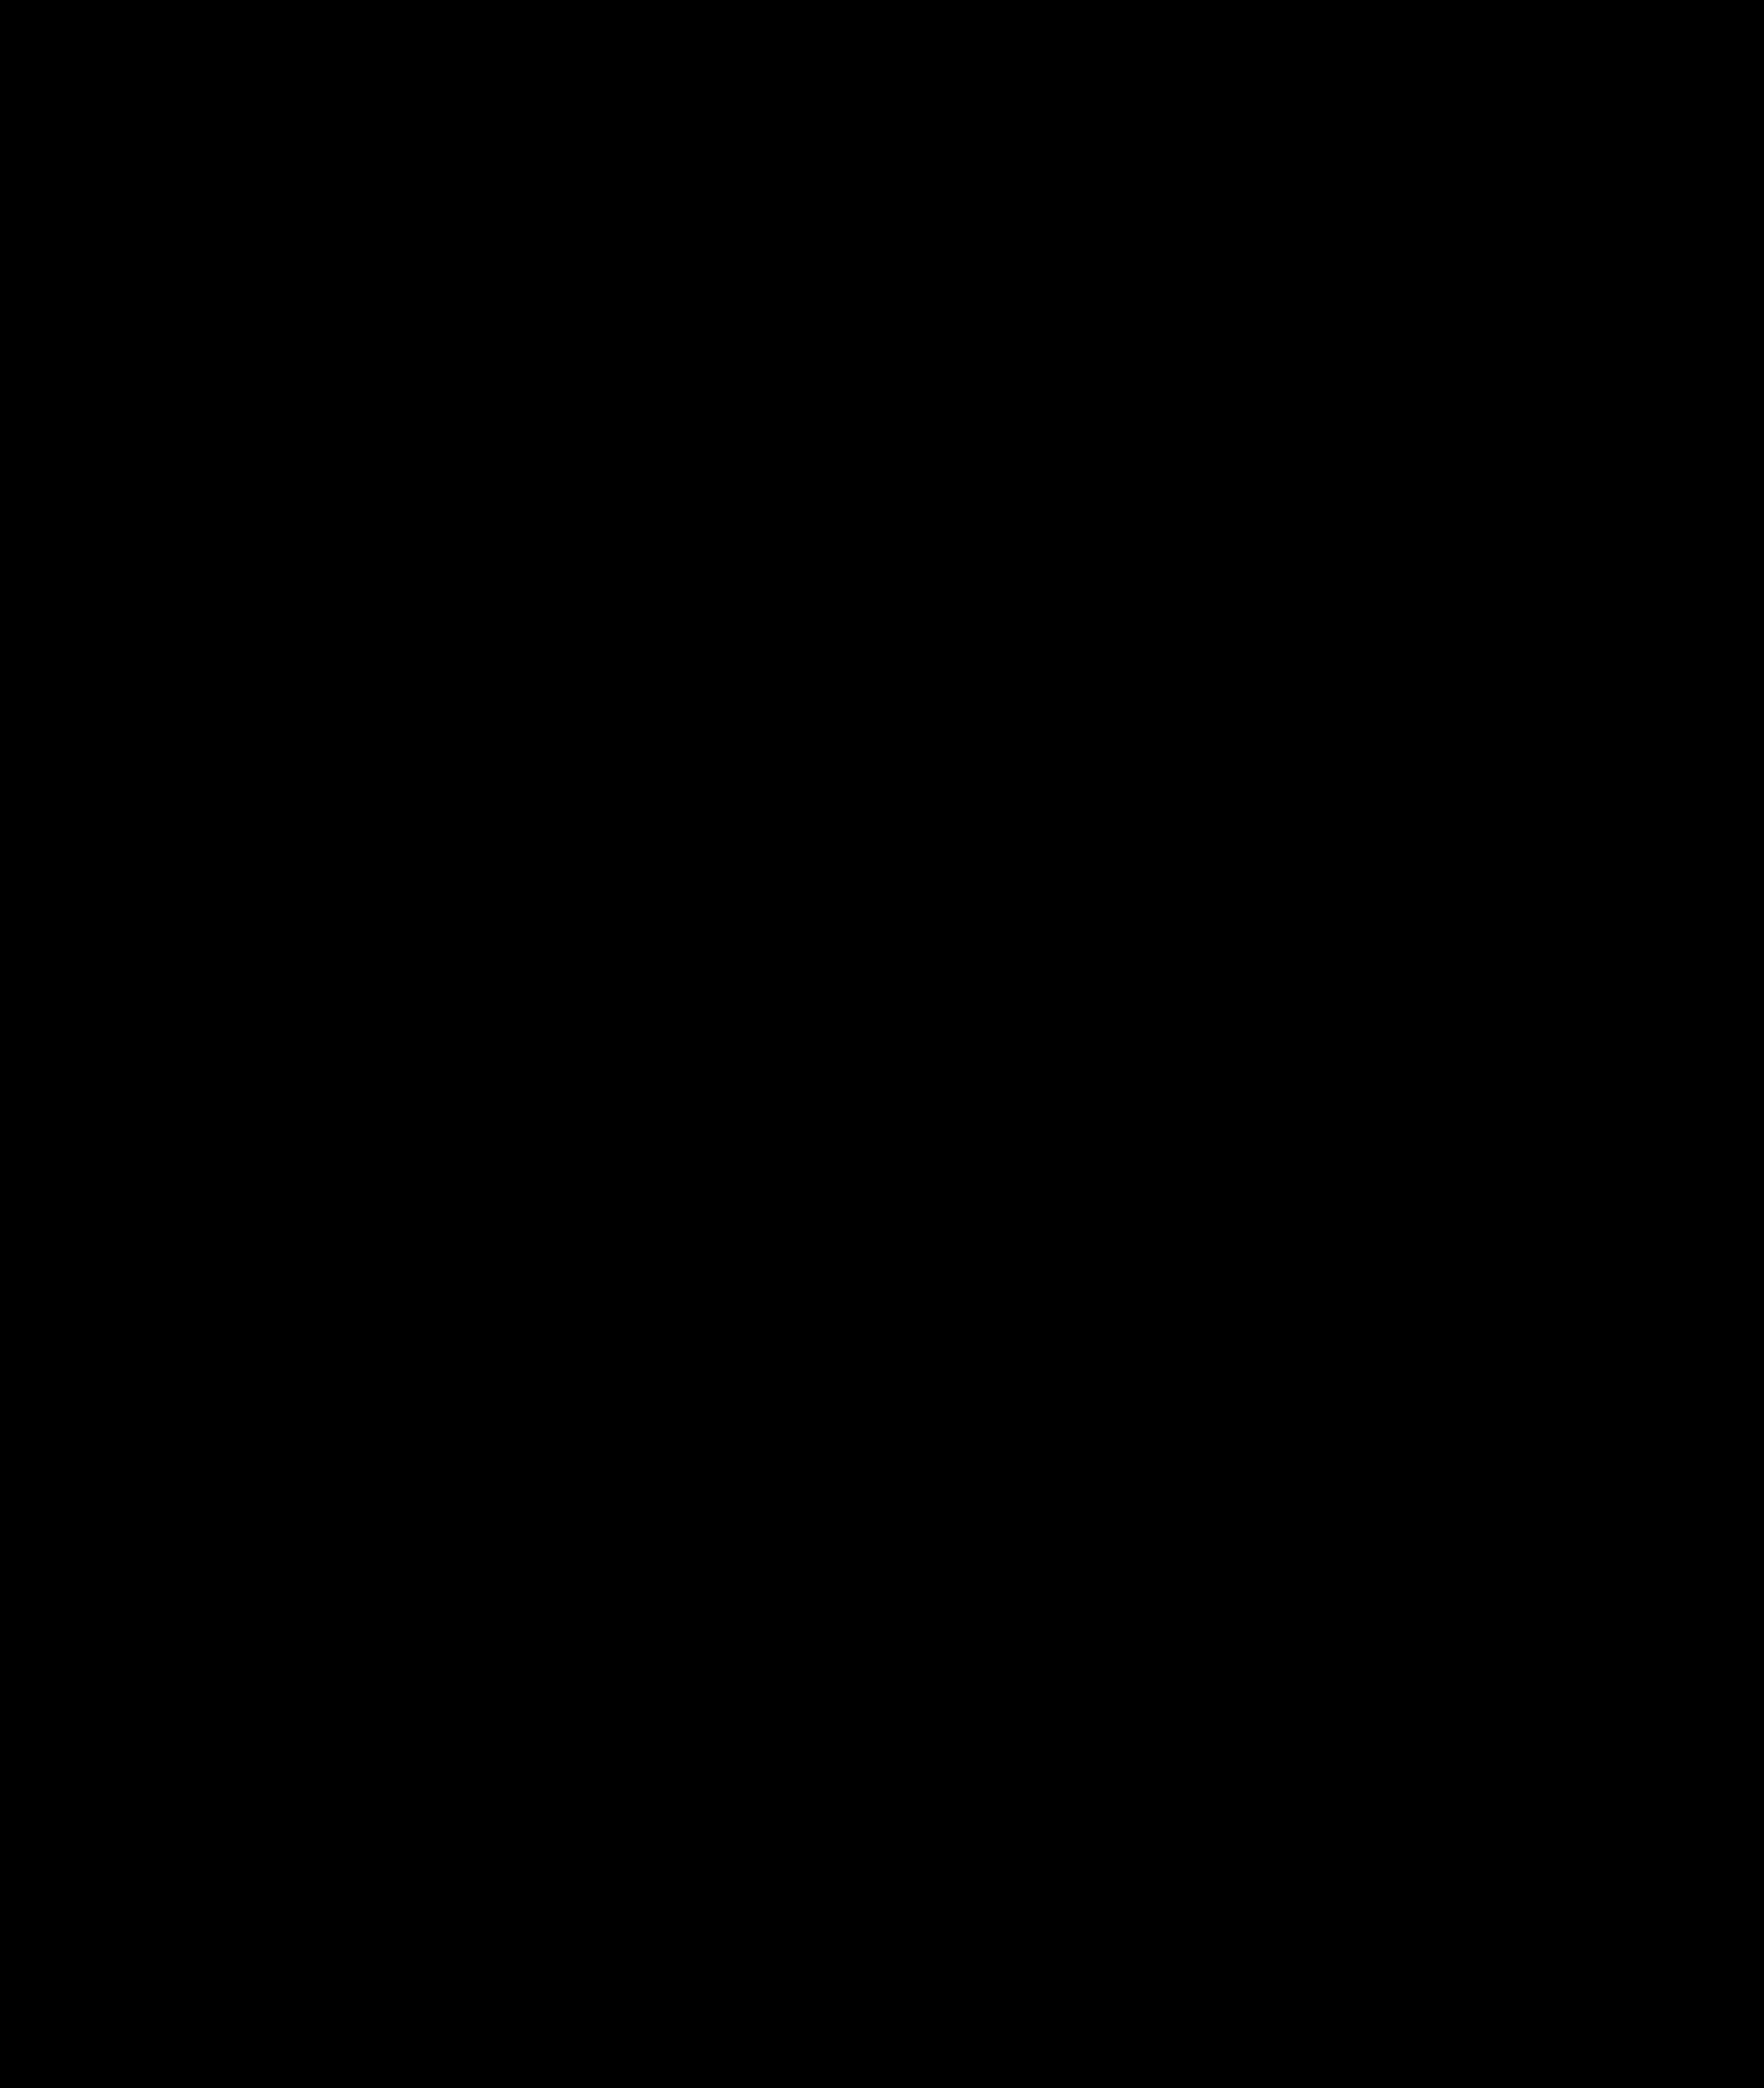 png library stock Vector emblem shield. Logos